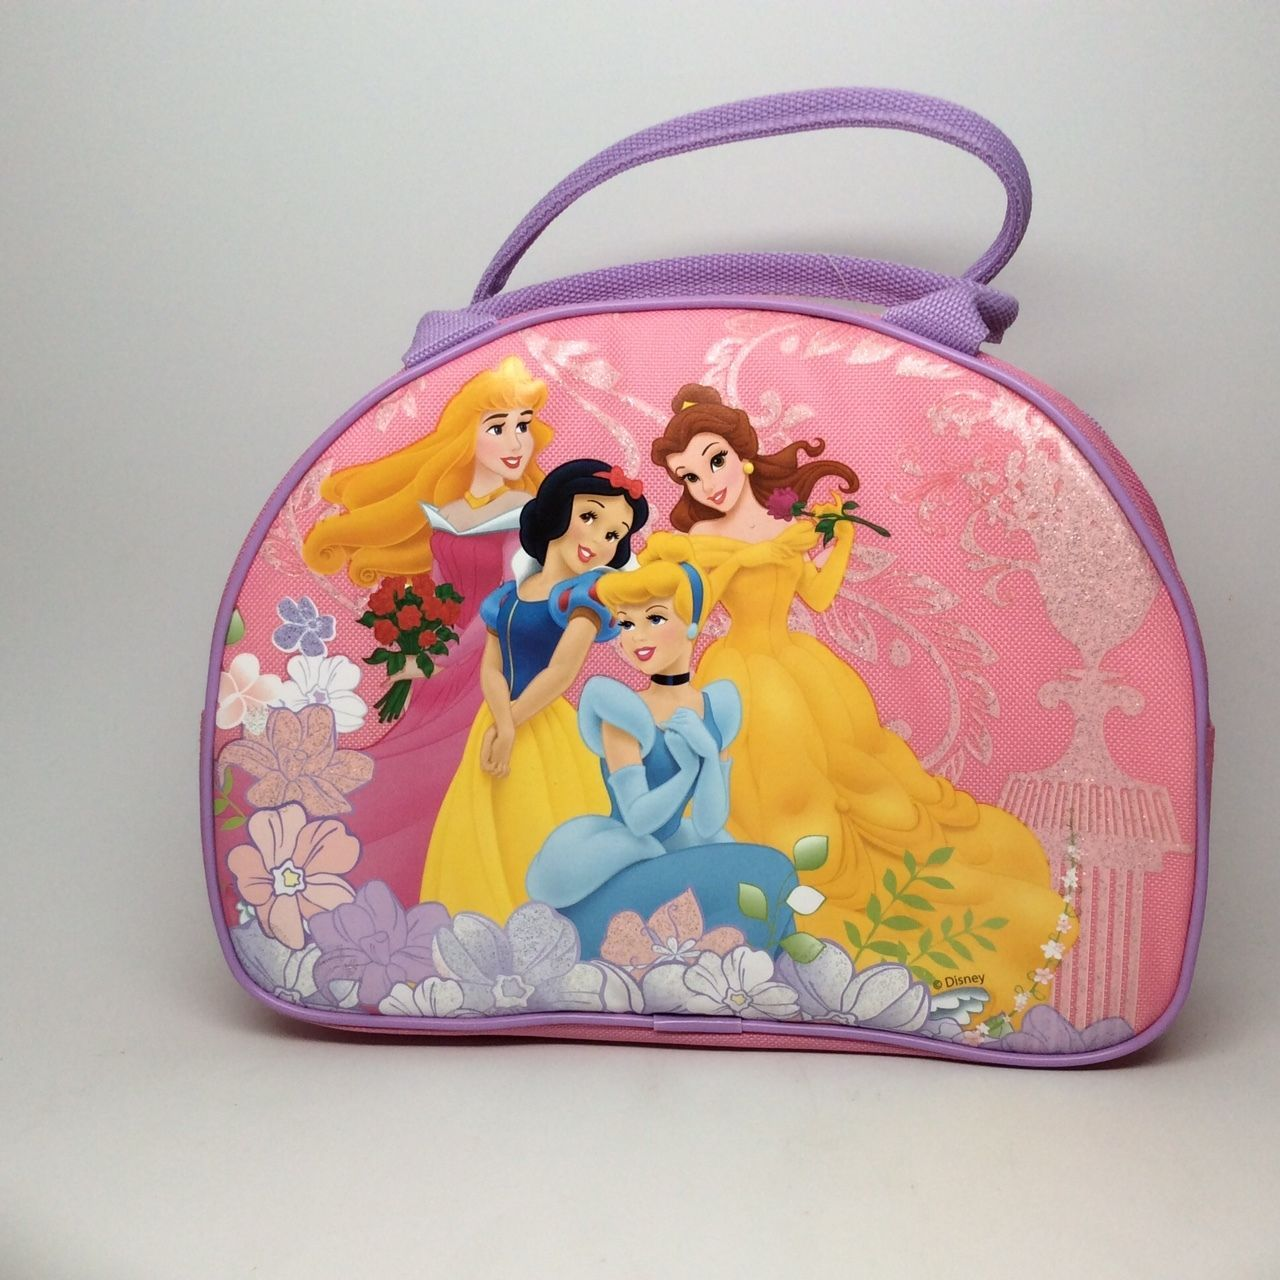 Disney Princess lunchbox. Includes a food jar! - $11.10